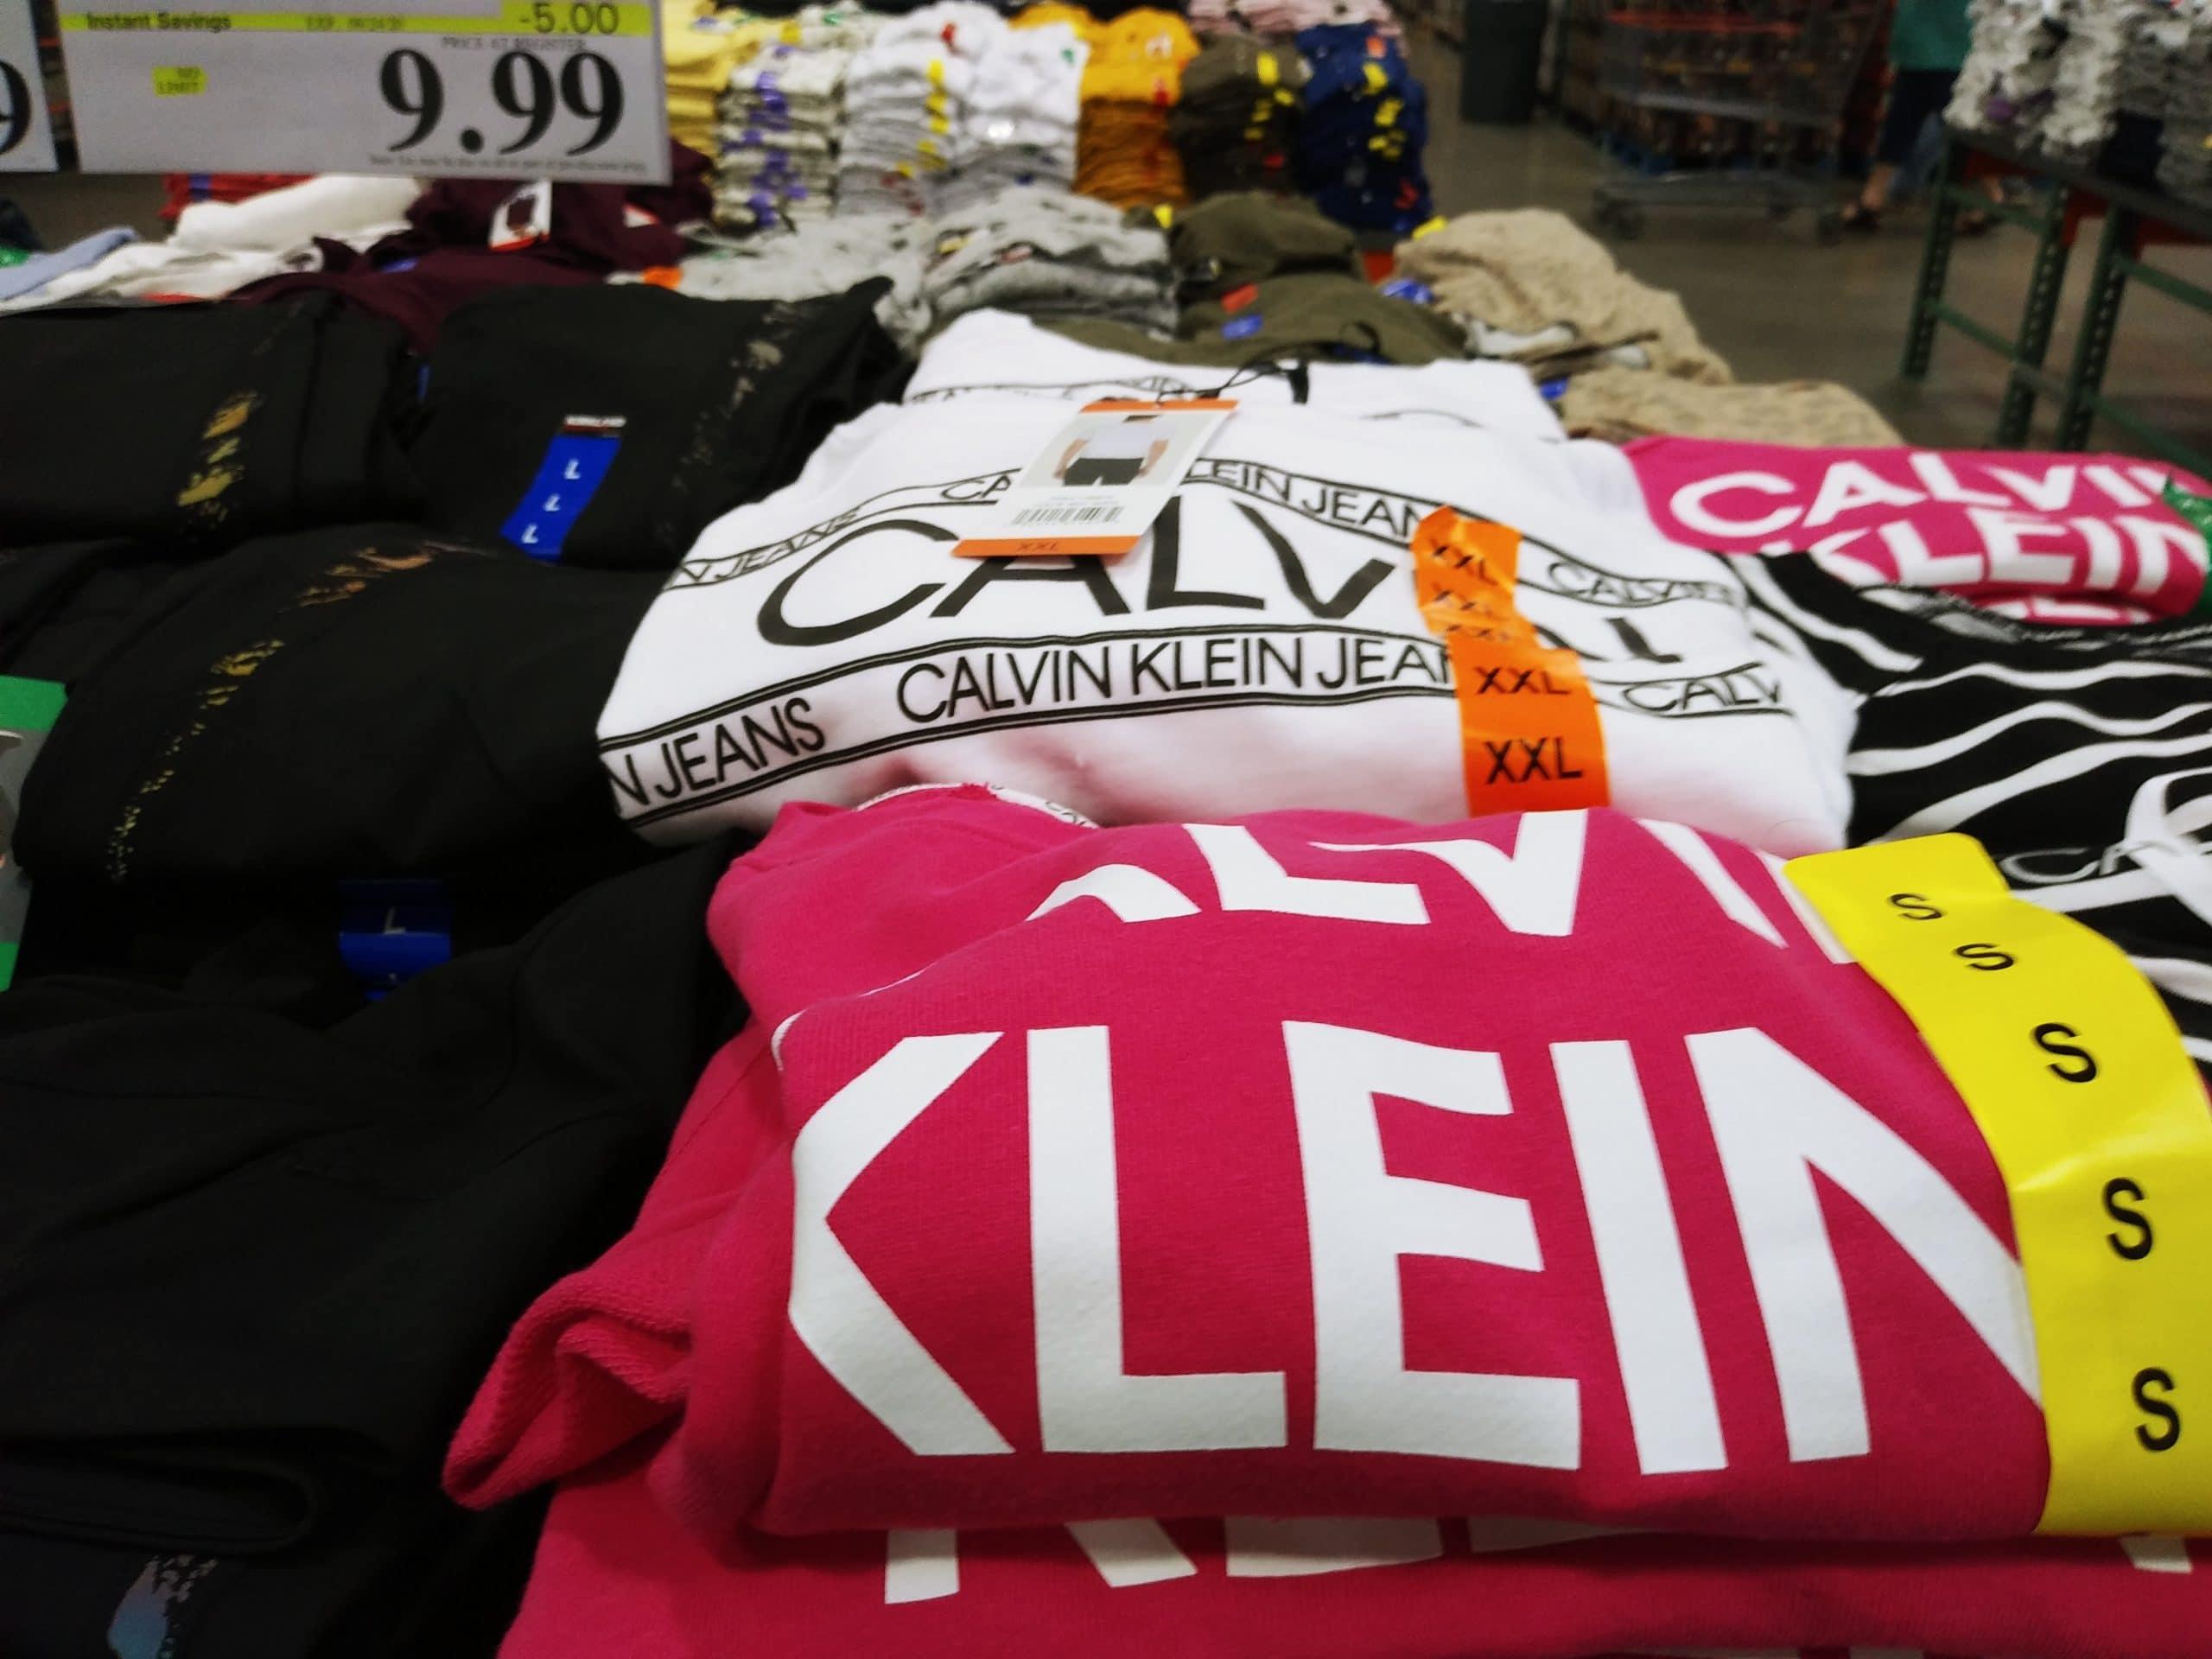 Calvin Klein Jeans Ladies' French Terry Logo Tee $9.99